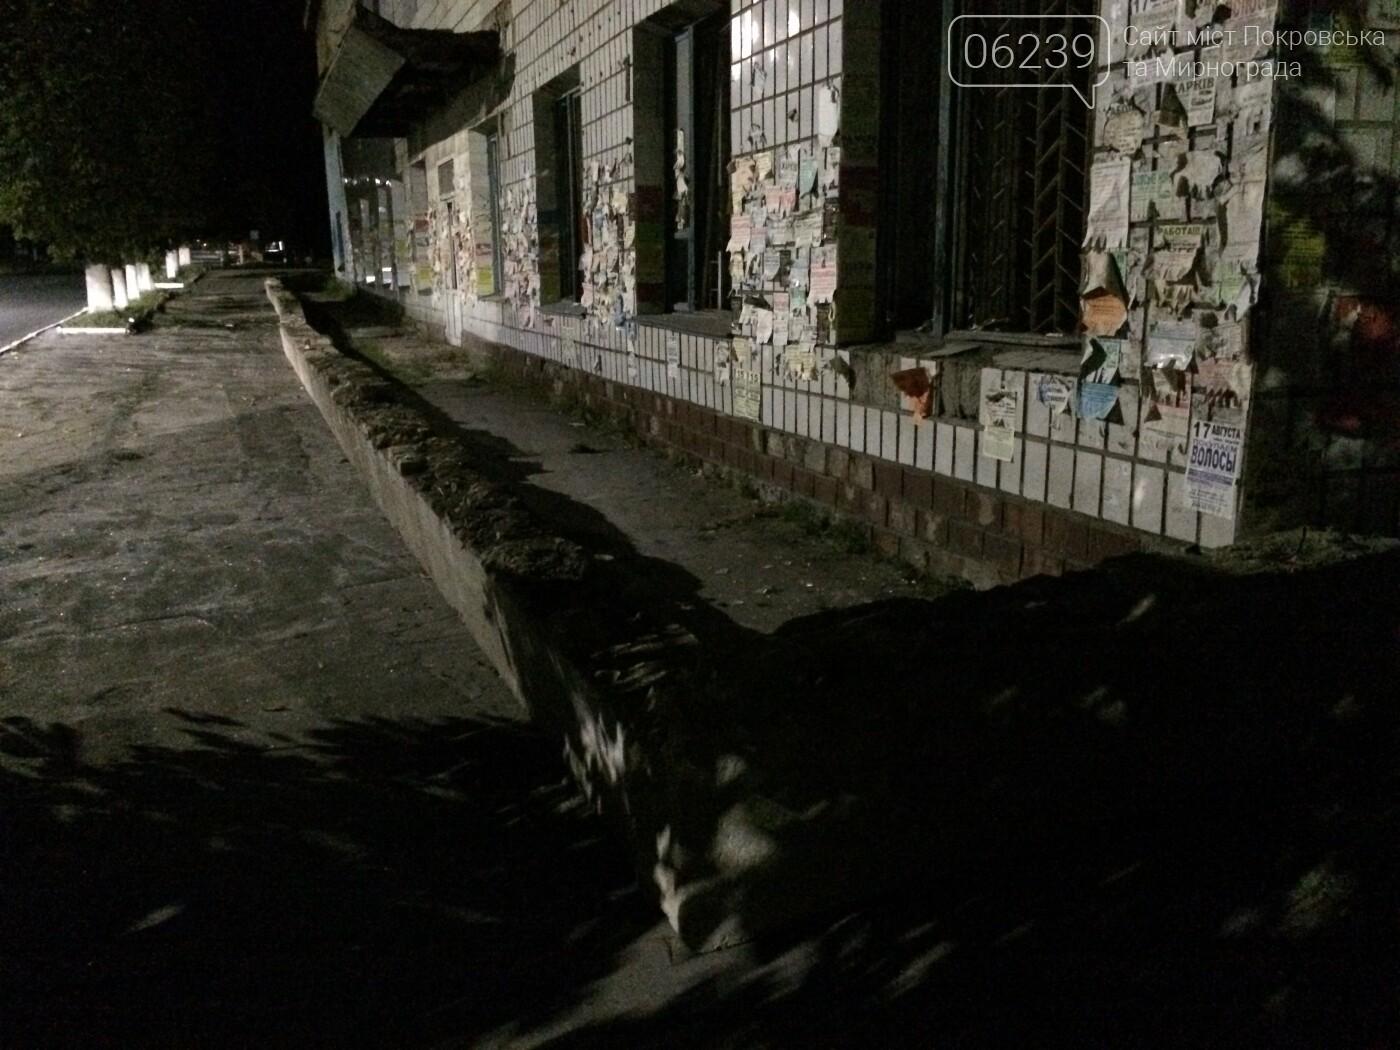 В Мирнограде обезопасили проход возле аварийного здания бывшего ИВЦ, фото-2